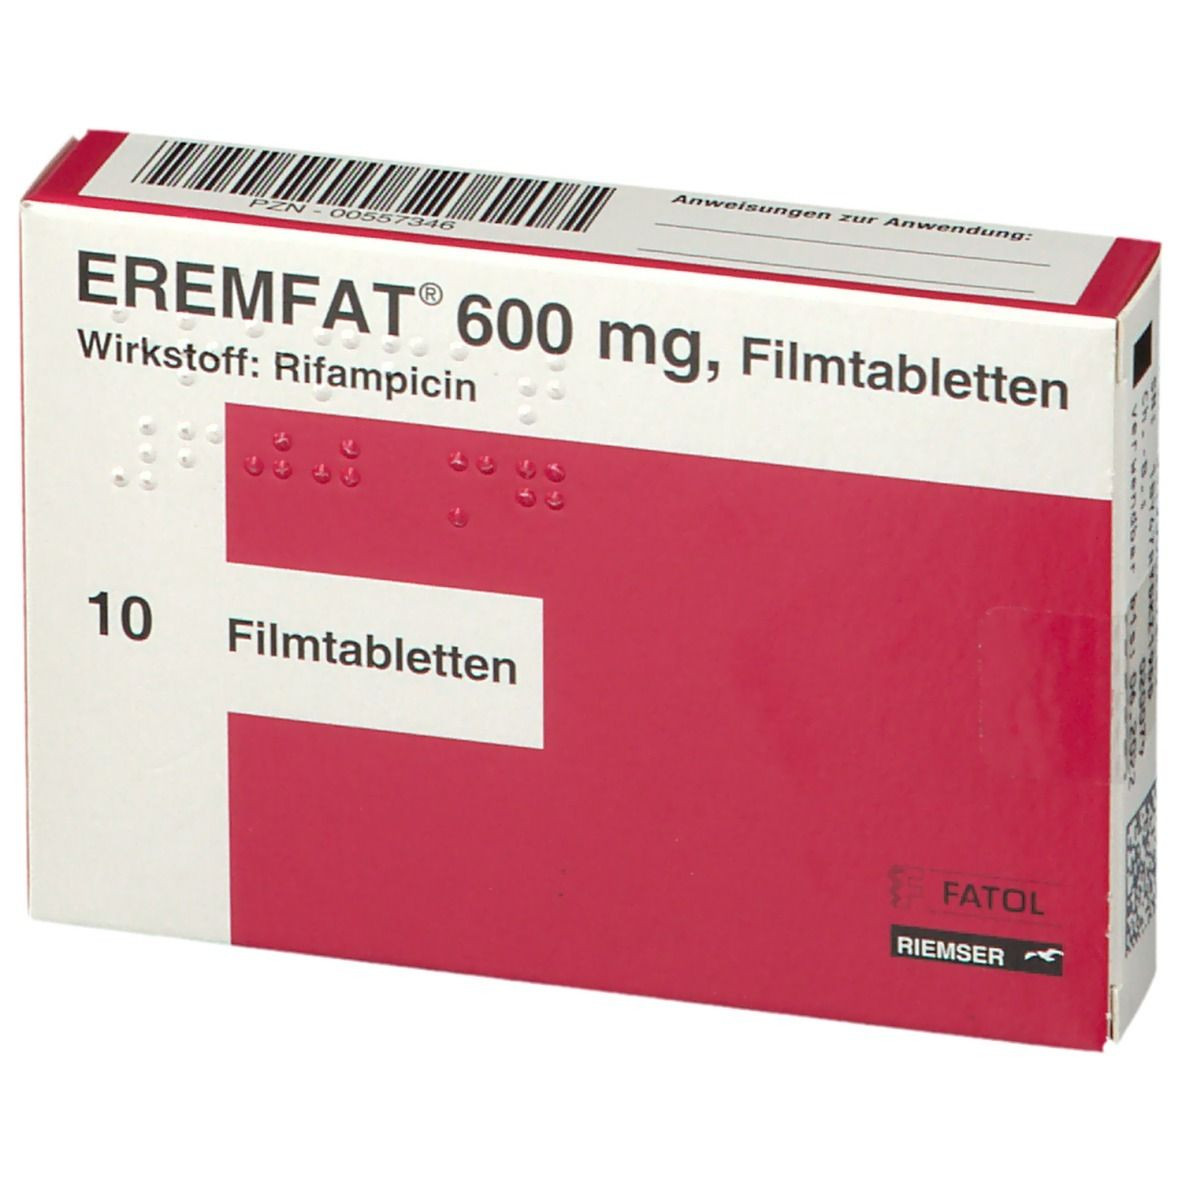 Eremfat 600 Filmtabletten